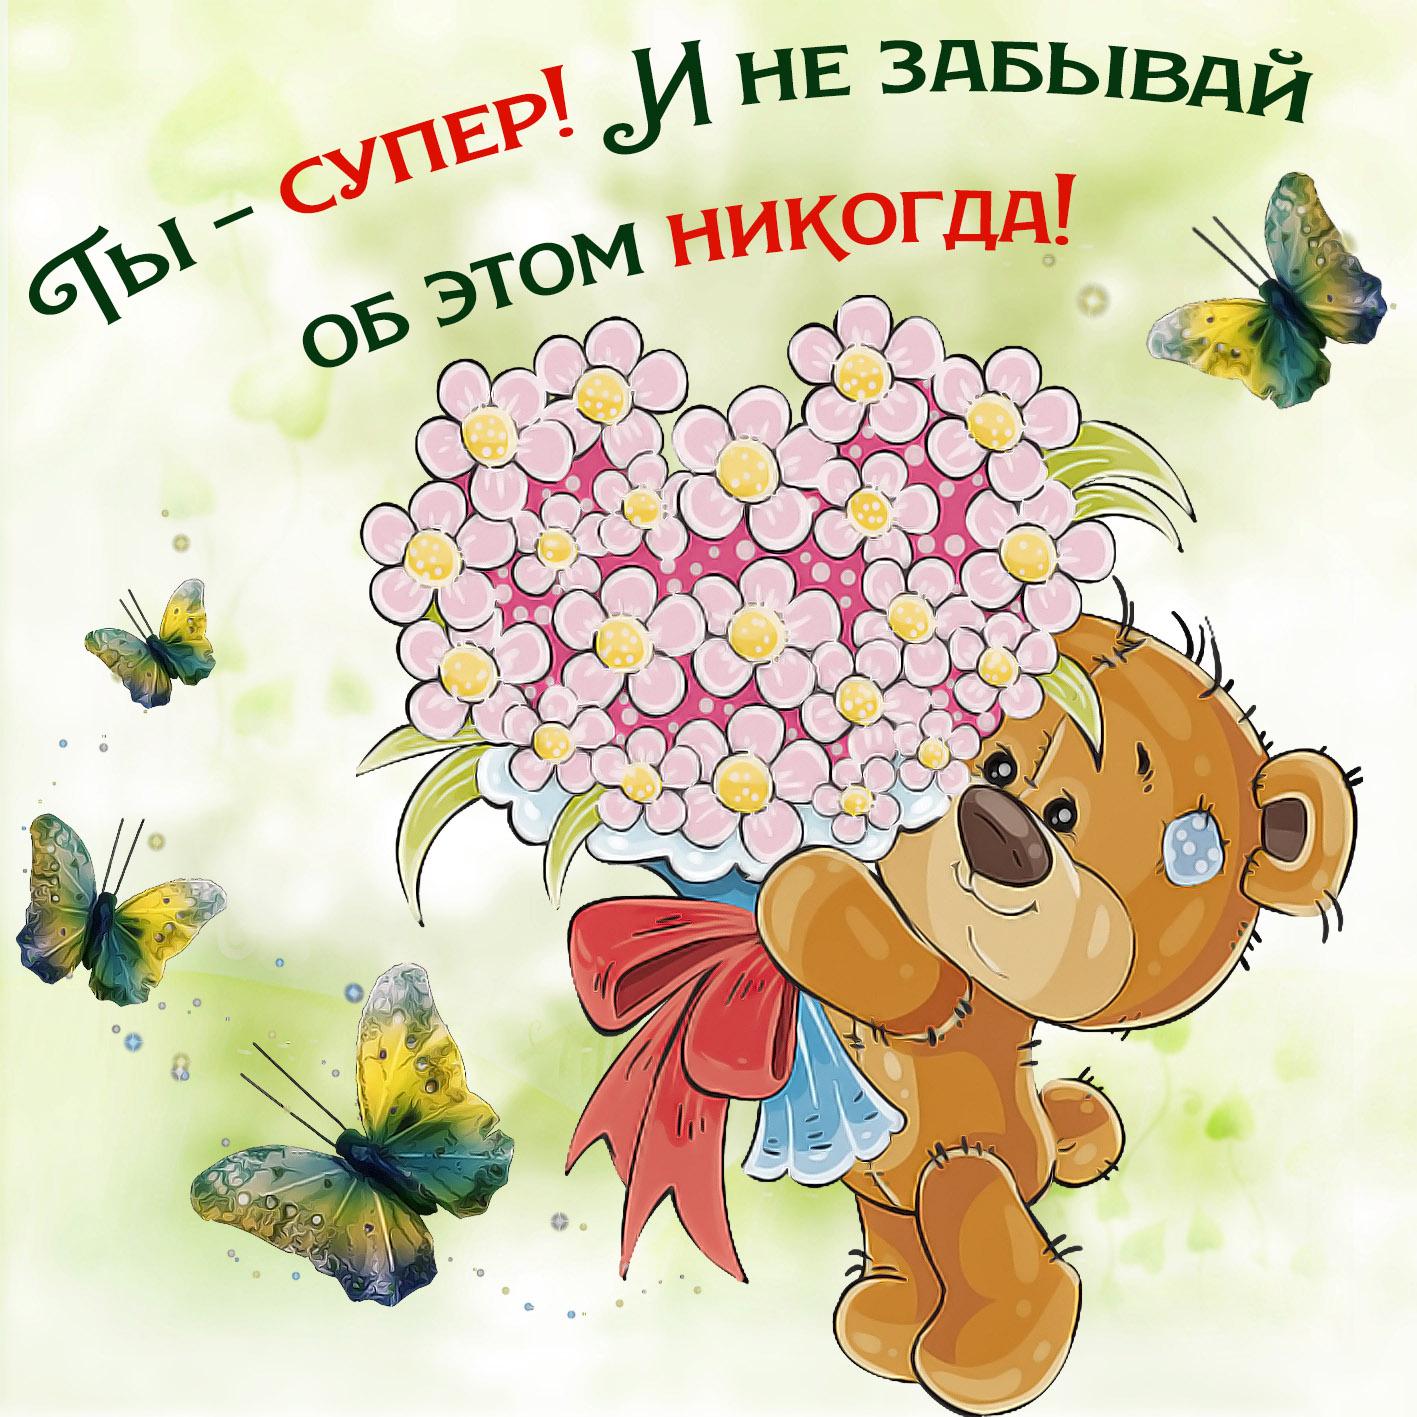 Открытка с пожеланием - медвежонок с букетом среди бабочек